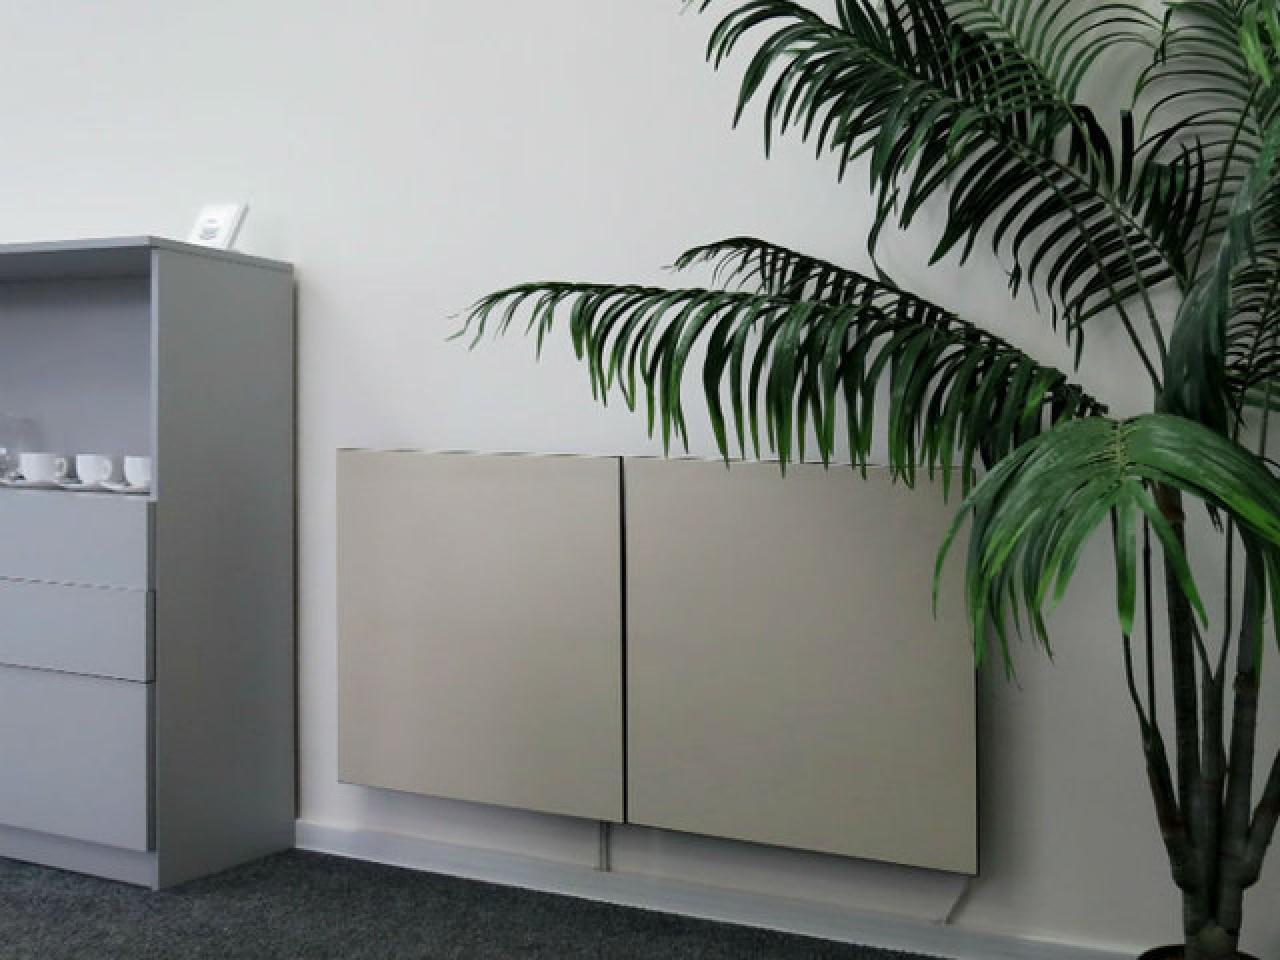 Керамические панели Hybrid для экономного отопления. Мощность 375 Вт. - 3